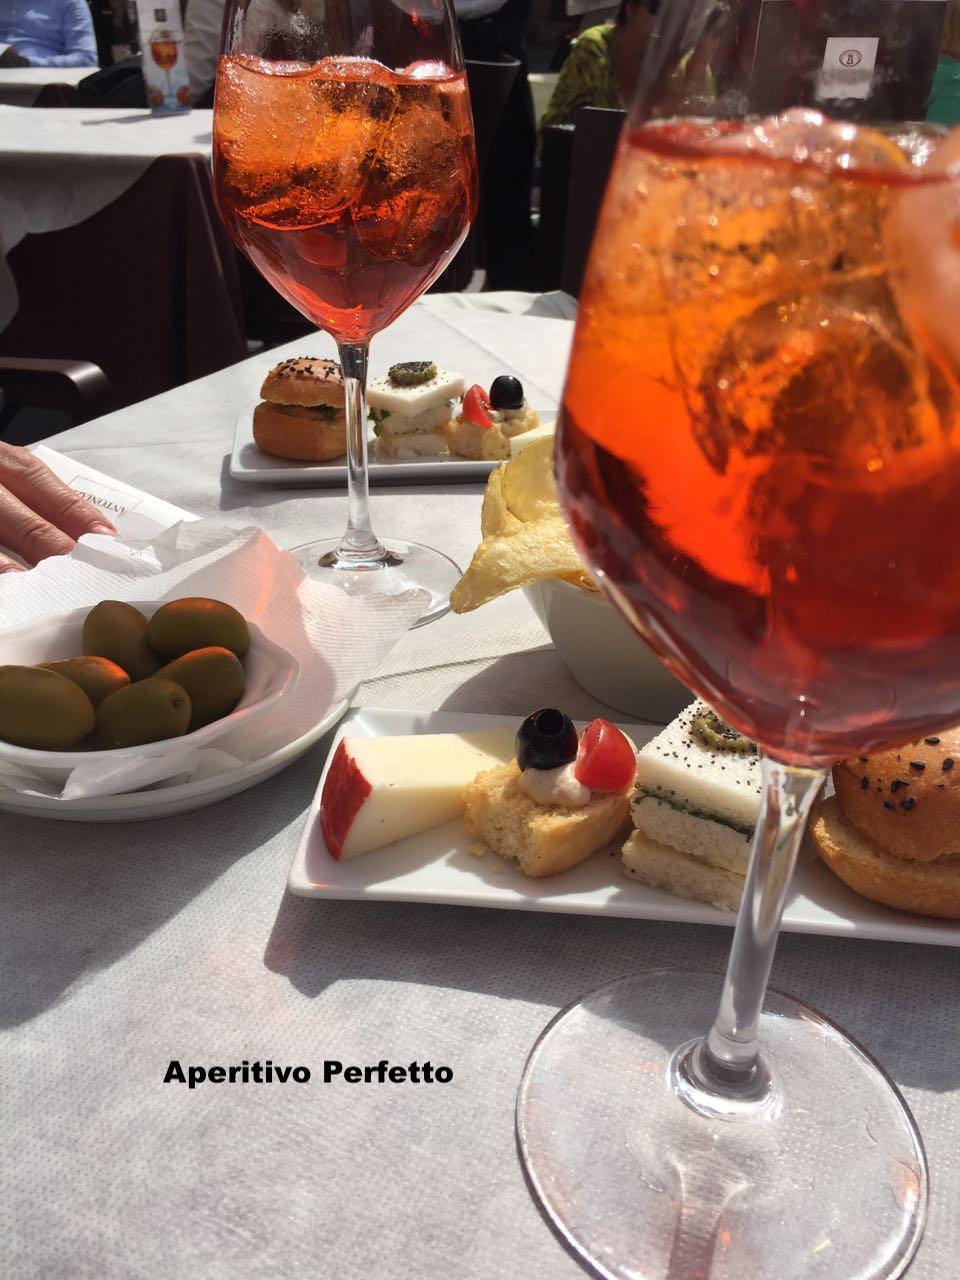 Bologna-Aperitivo perfetto